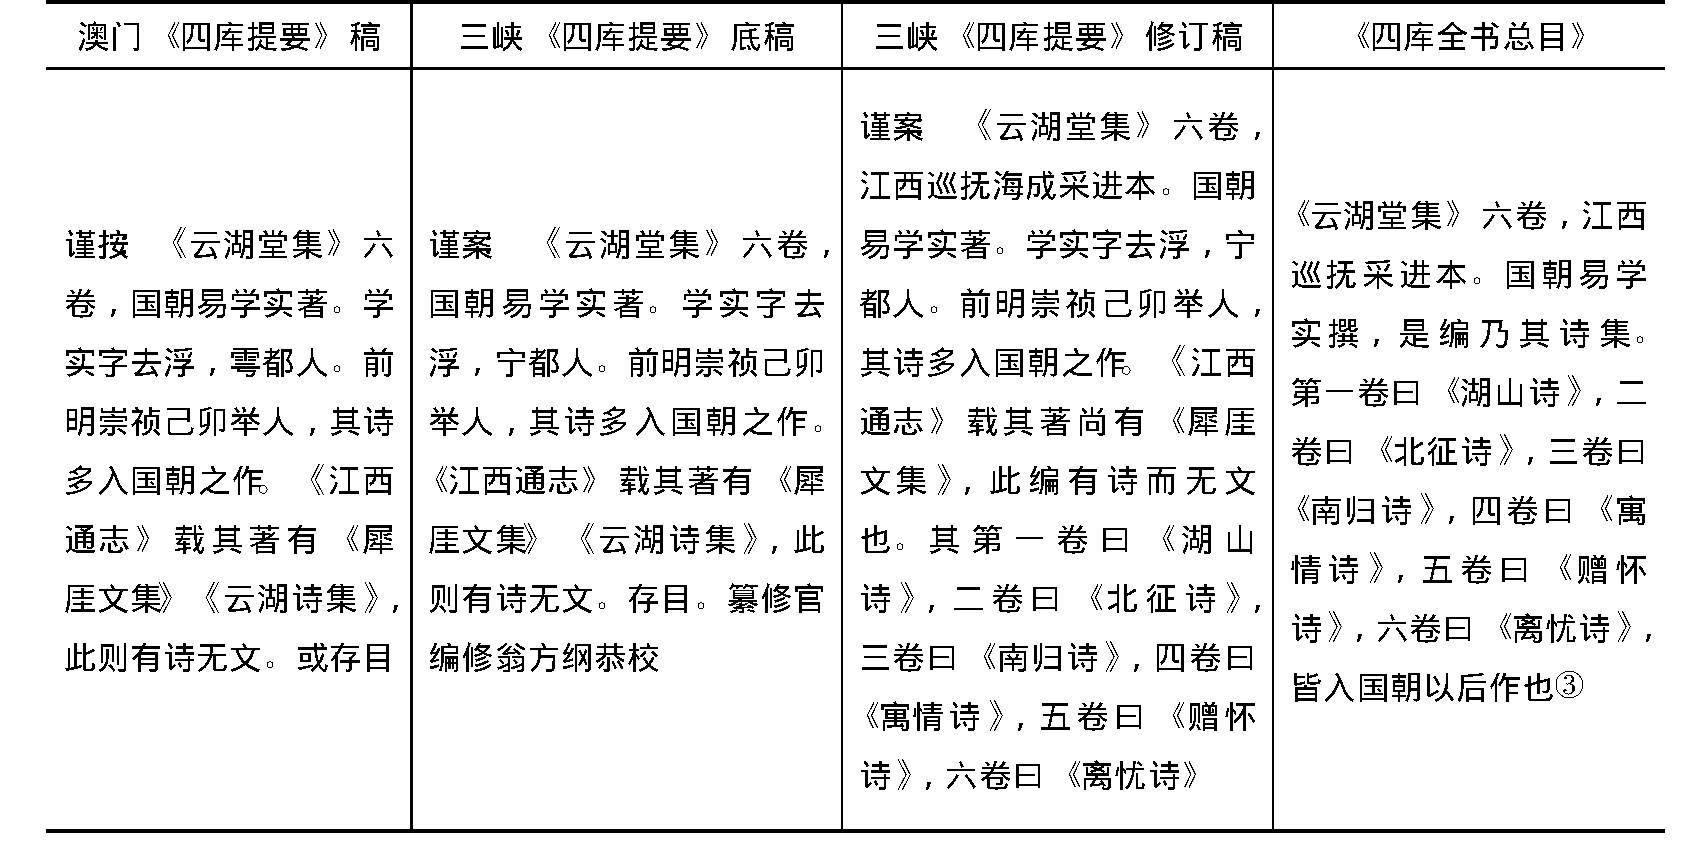 项旋 高树伟:《四库提要》早期纂修史事新证